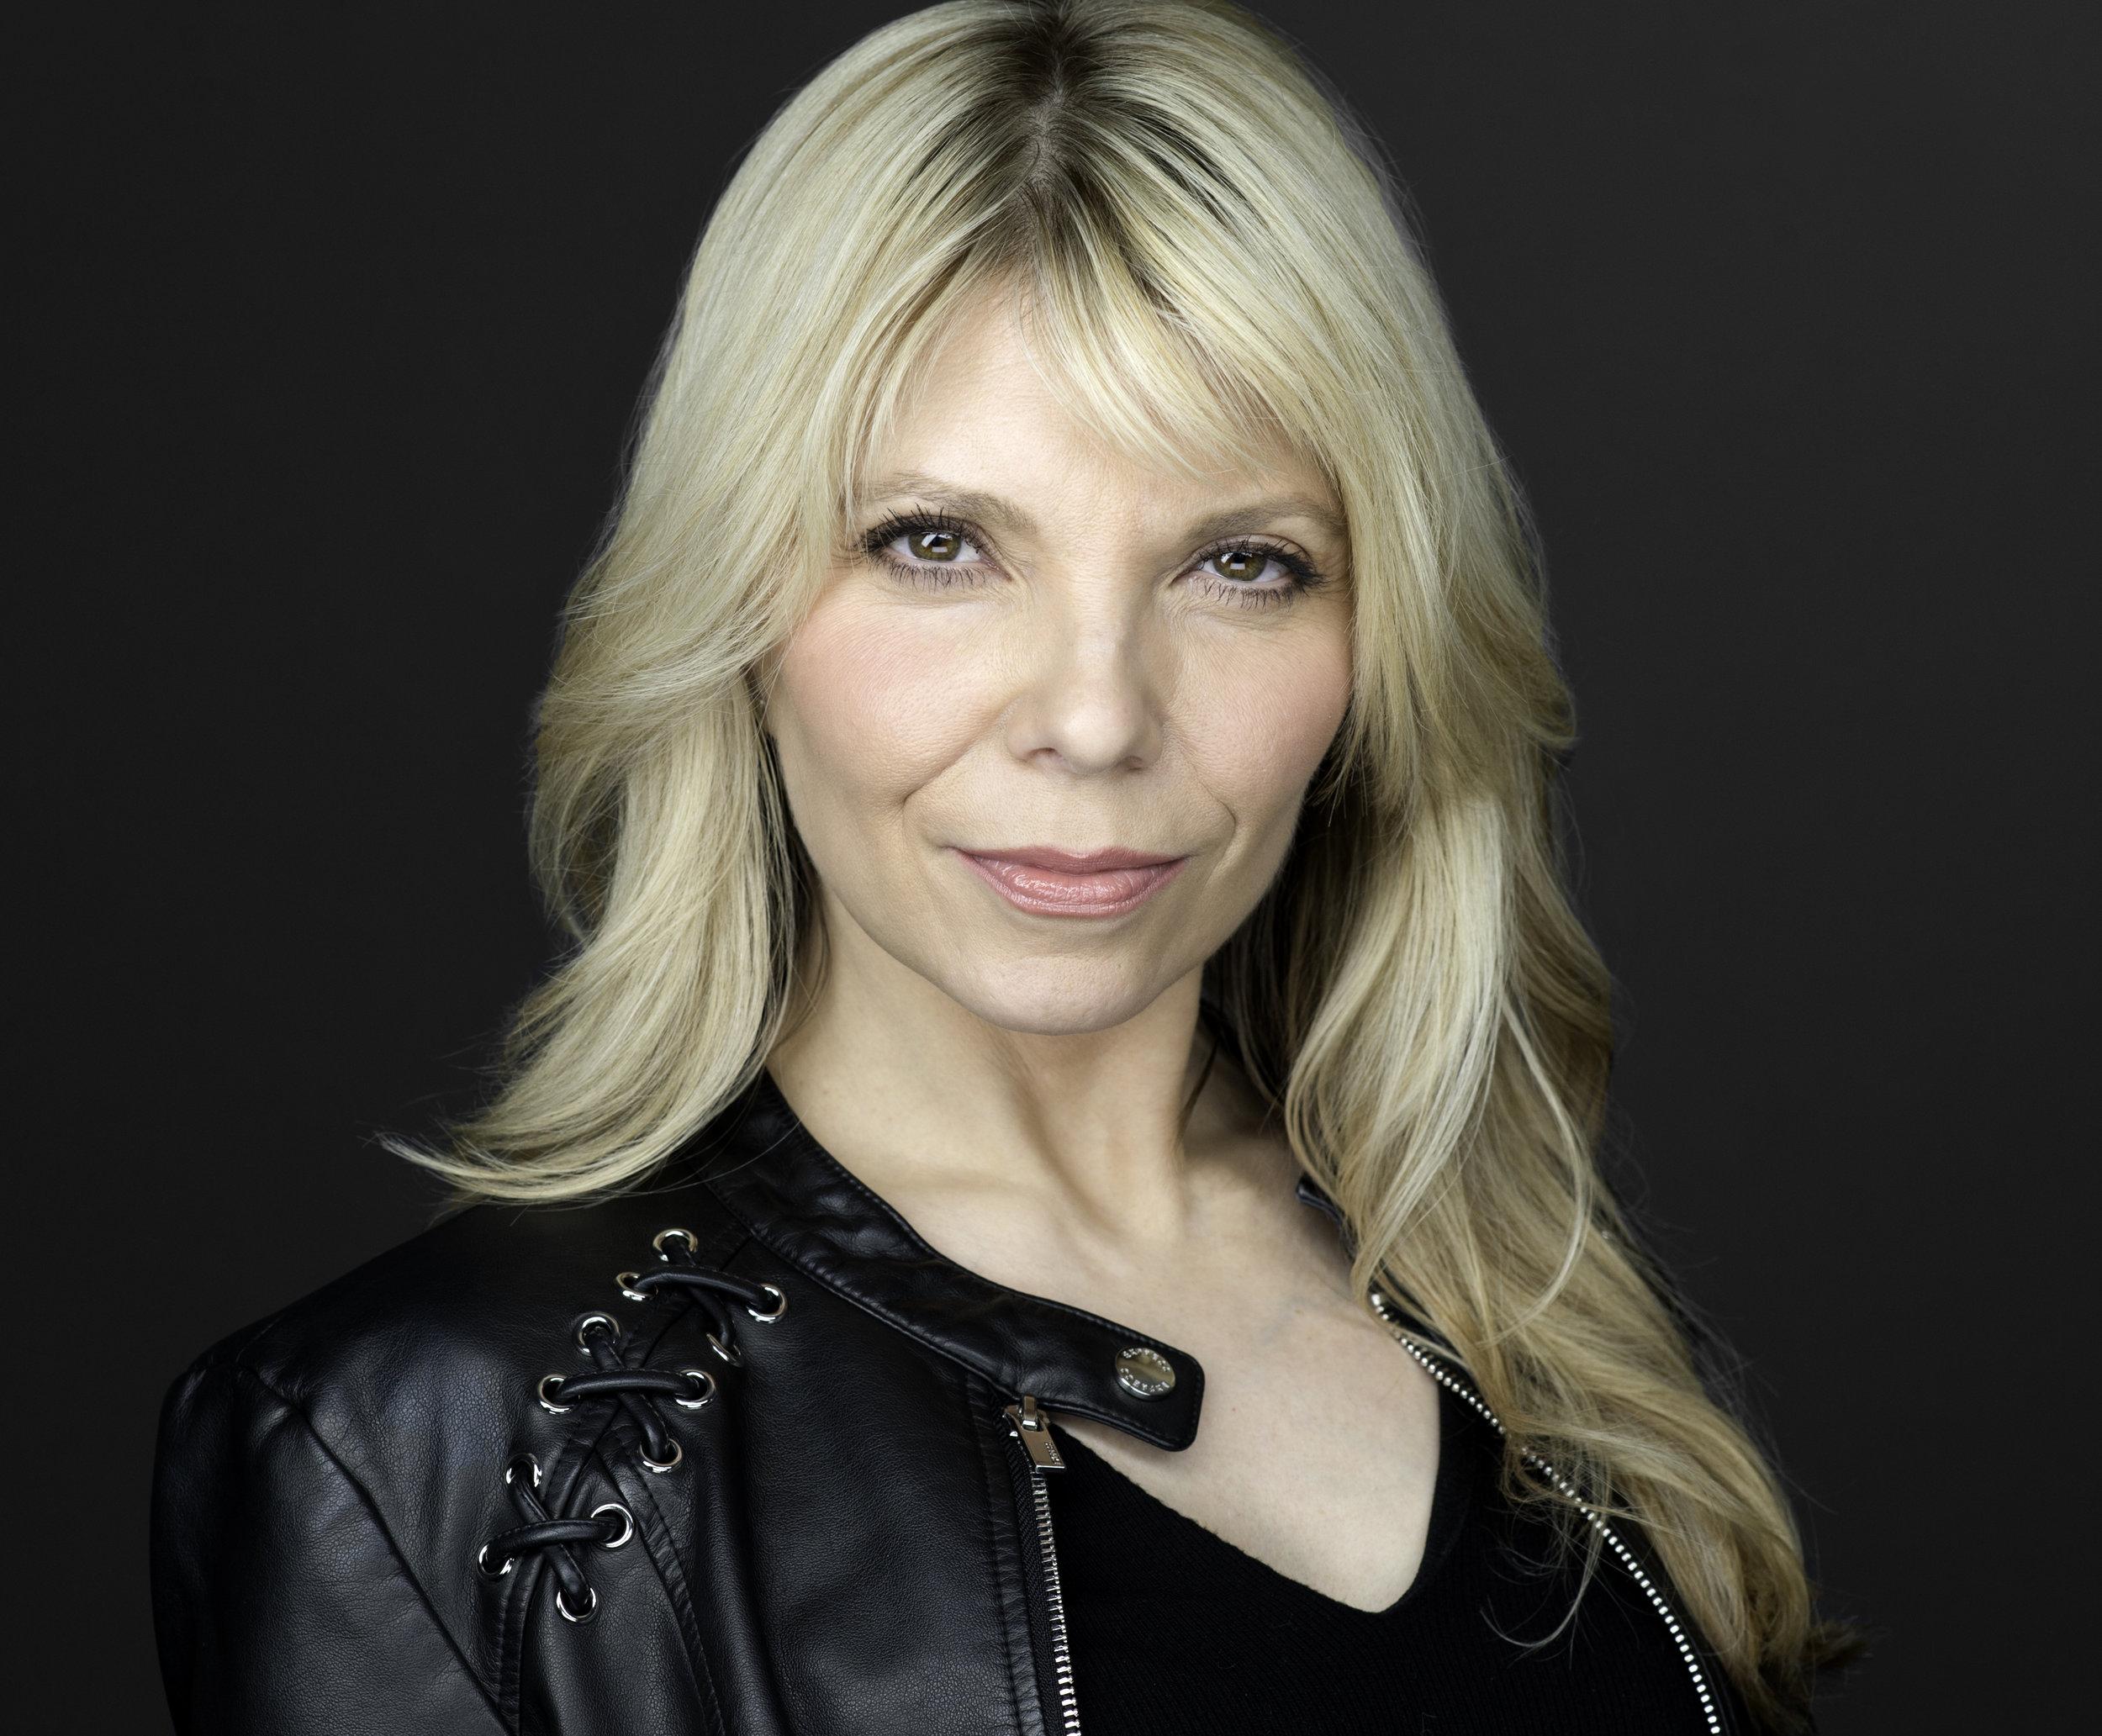 Melissa, Maryland based actress